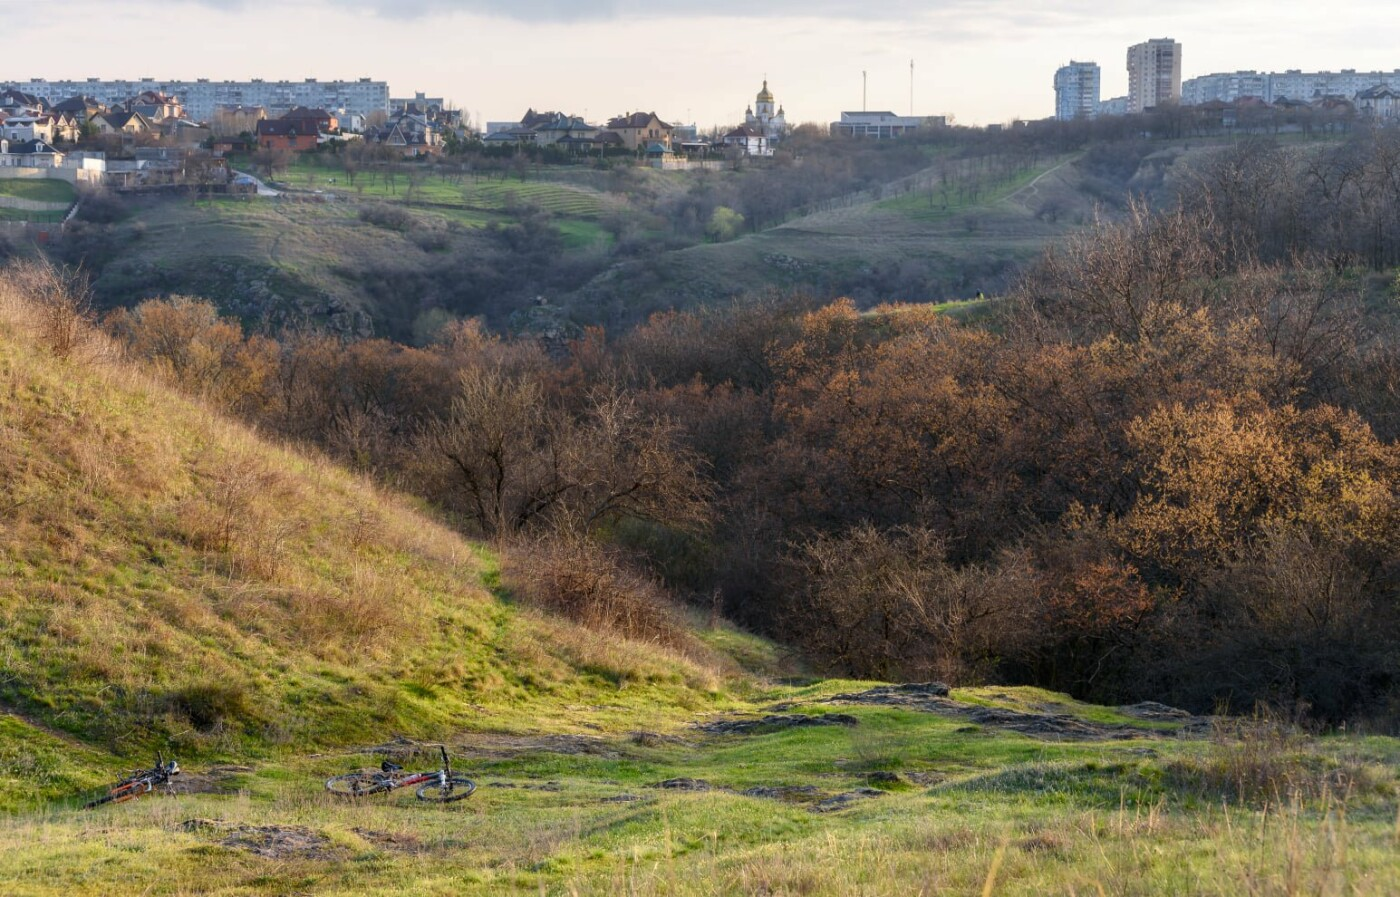 На закате и после грозы: запорожские фотографы делятся снимками цветущей Хортицы, - ФОТО, фото-14